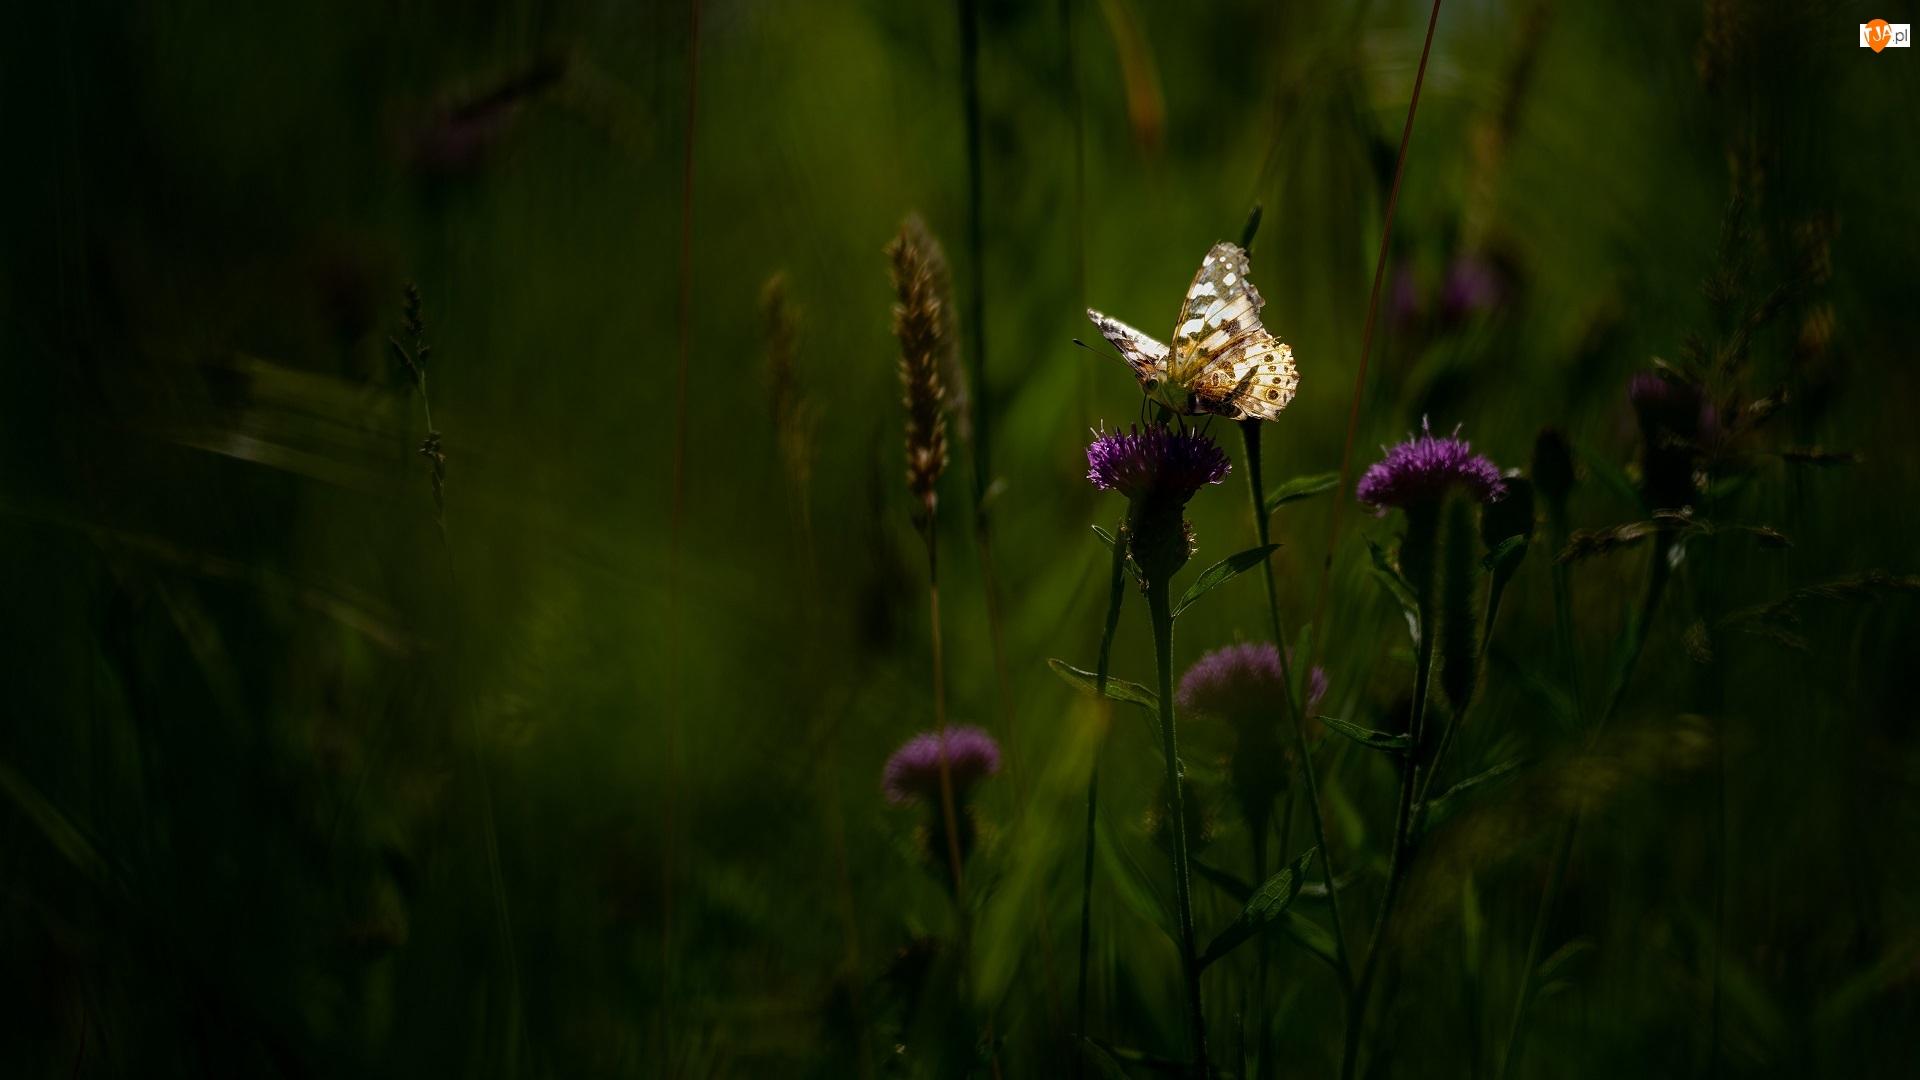 Motyl, Kwiaty, Ostrożeń